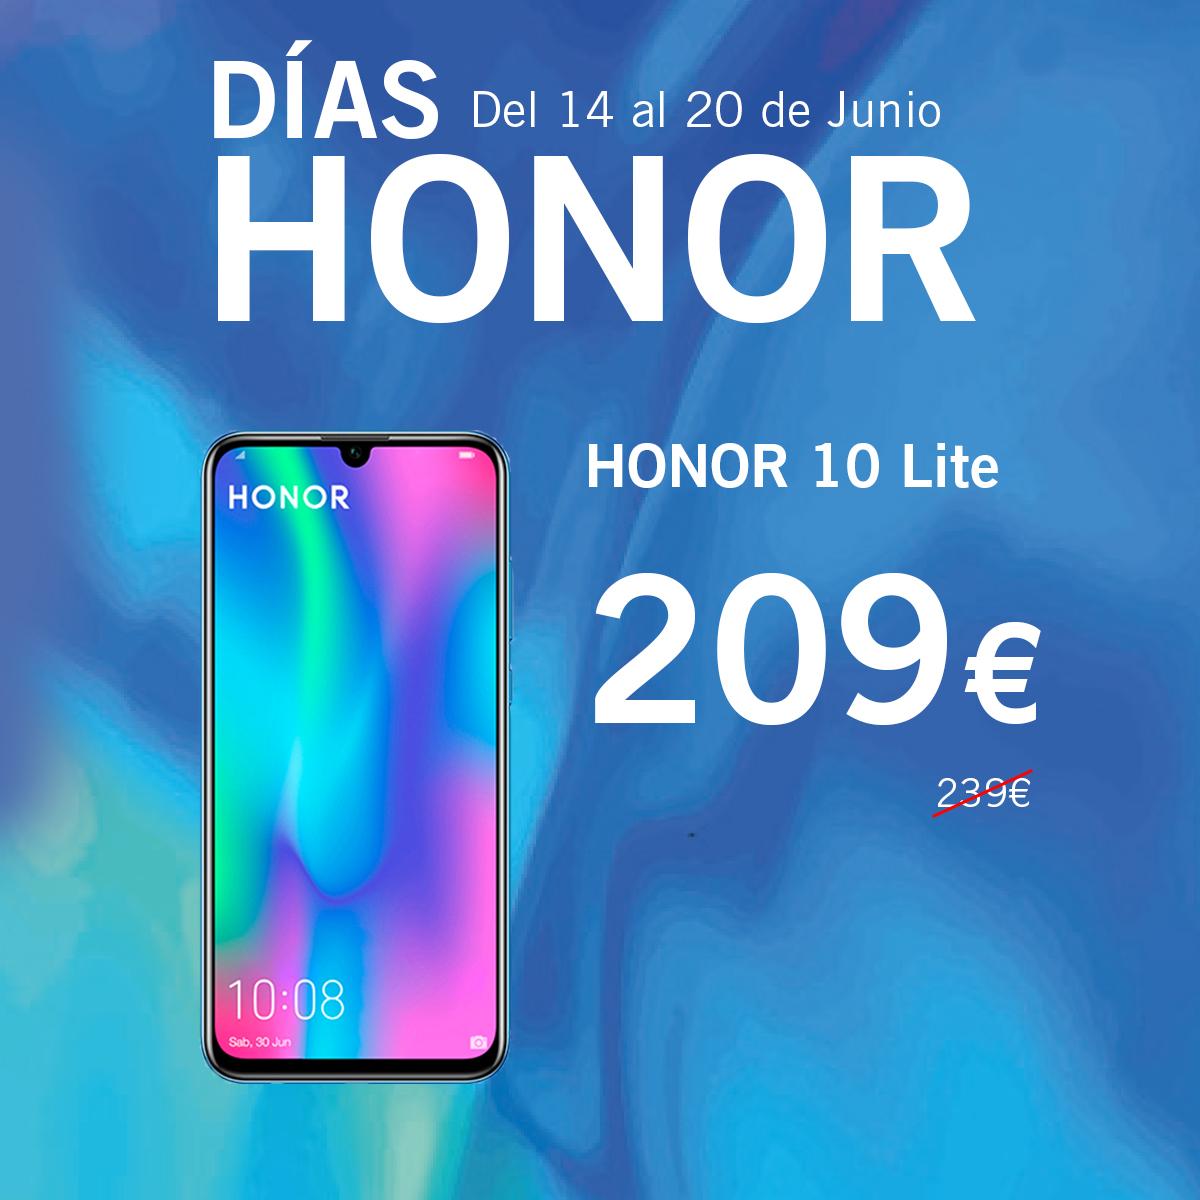 Días Honor (4)